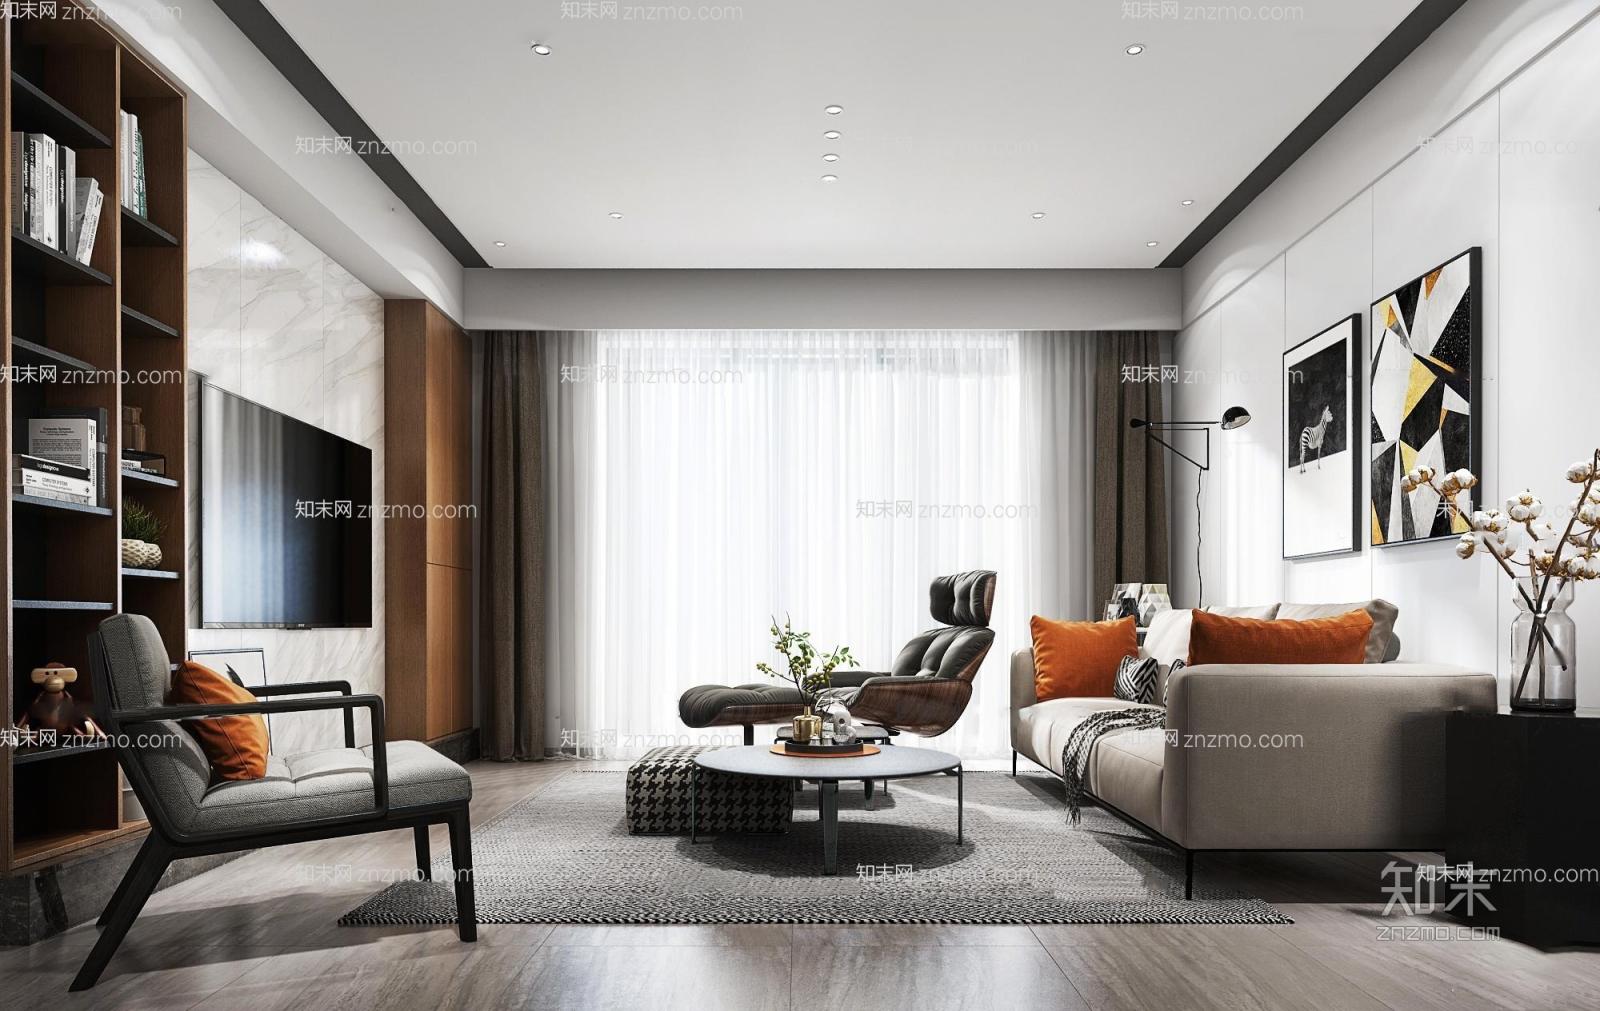 现代客厅餐厅3D模型 沙发茶几 落地灯 电视 插花